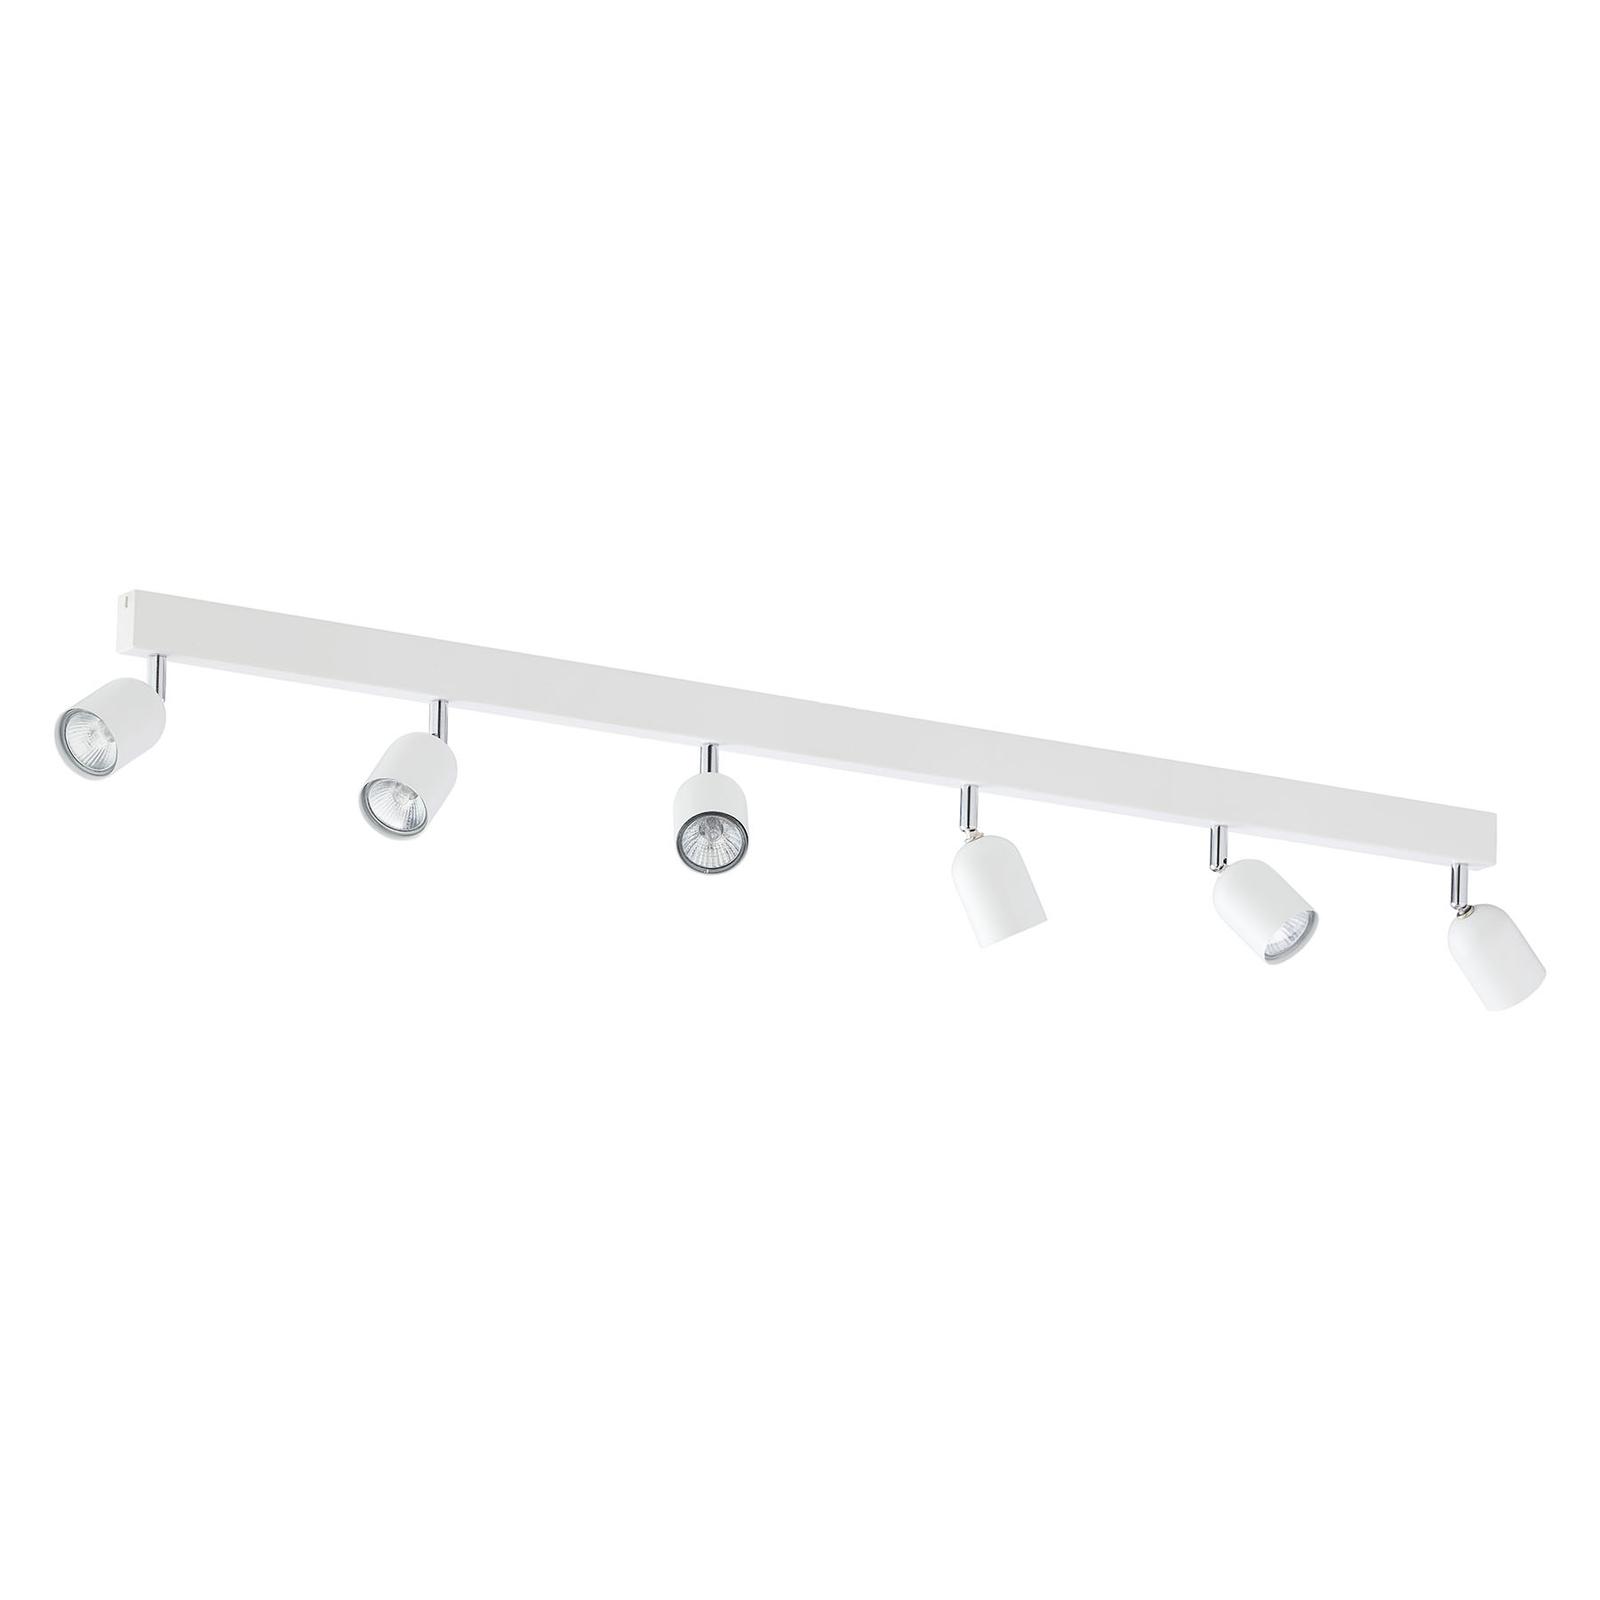 Takspotlight Top, 6 lampor, avlång, vit